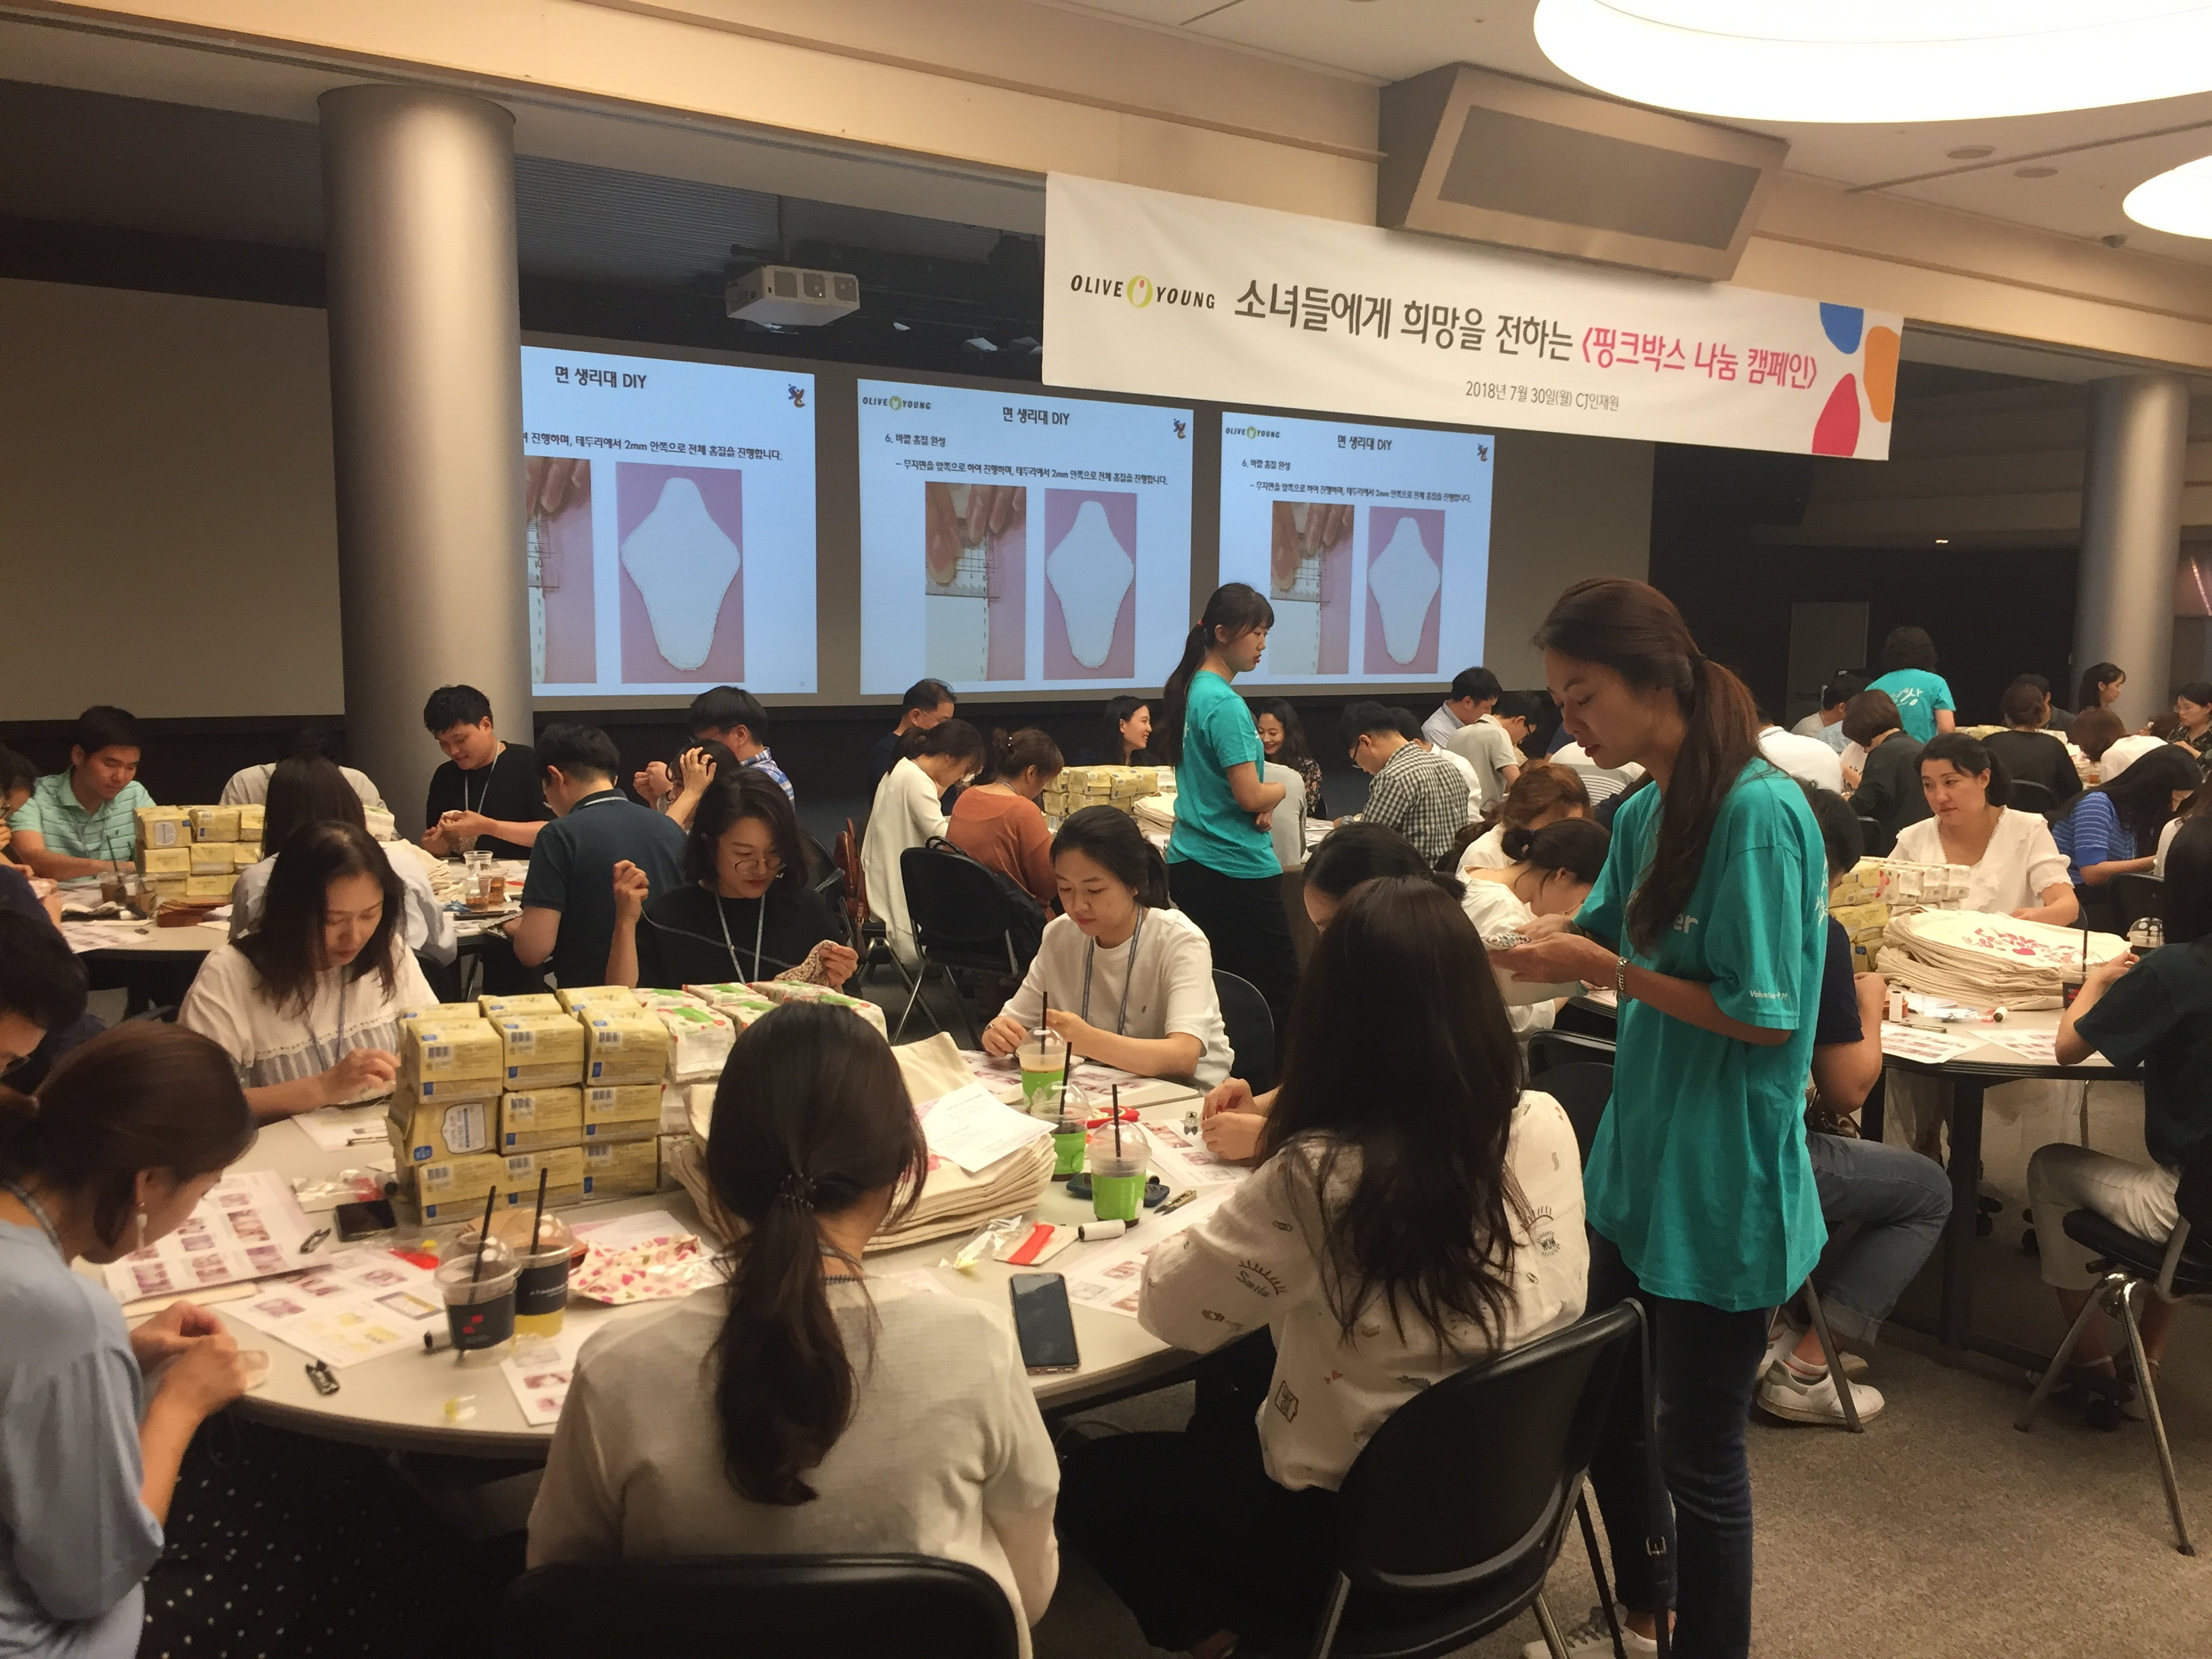 올리브영 핑크박스데이(임직원자원봉사활동) 진행